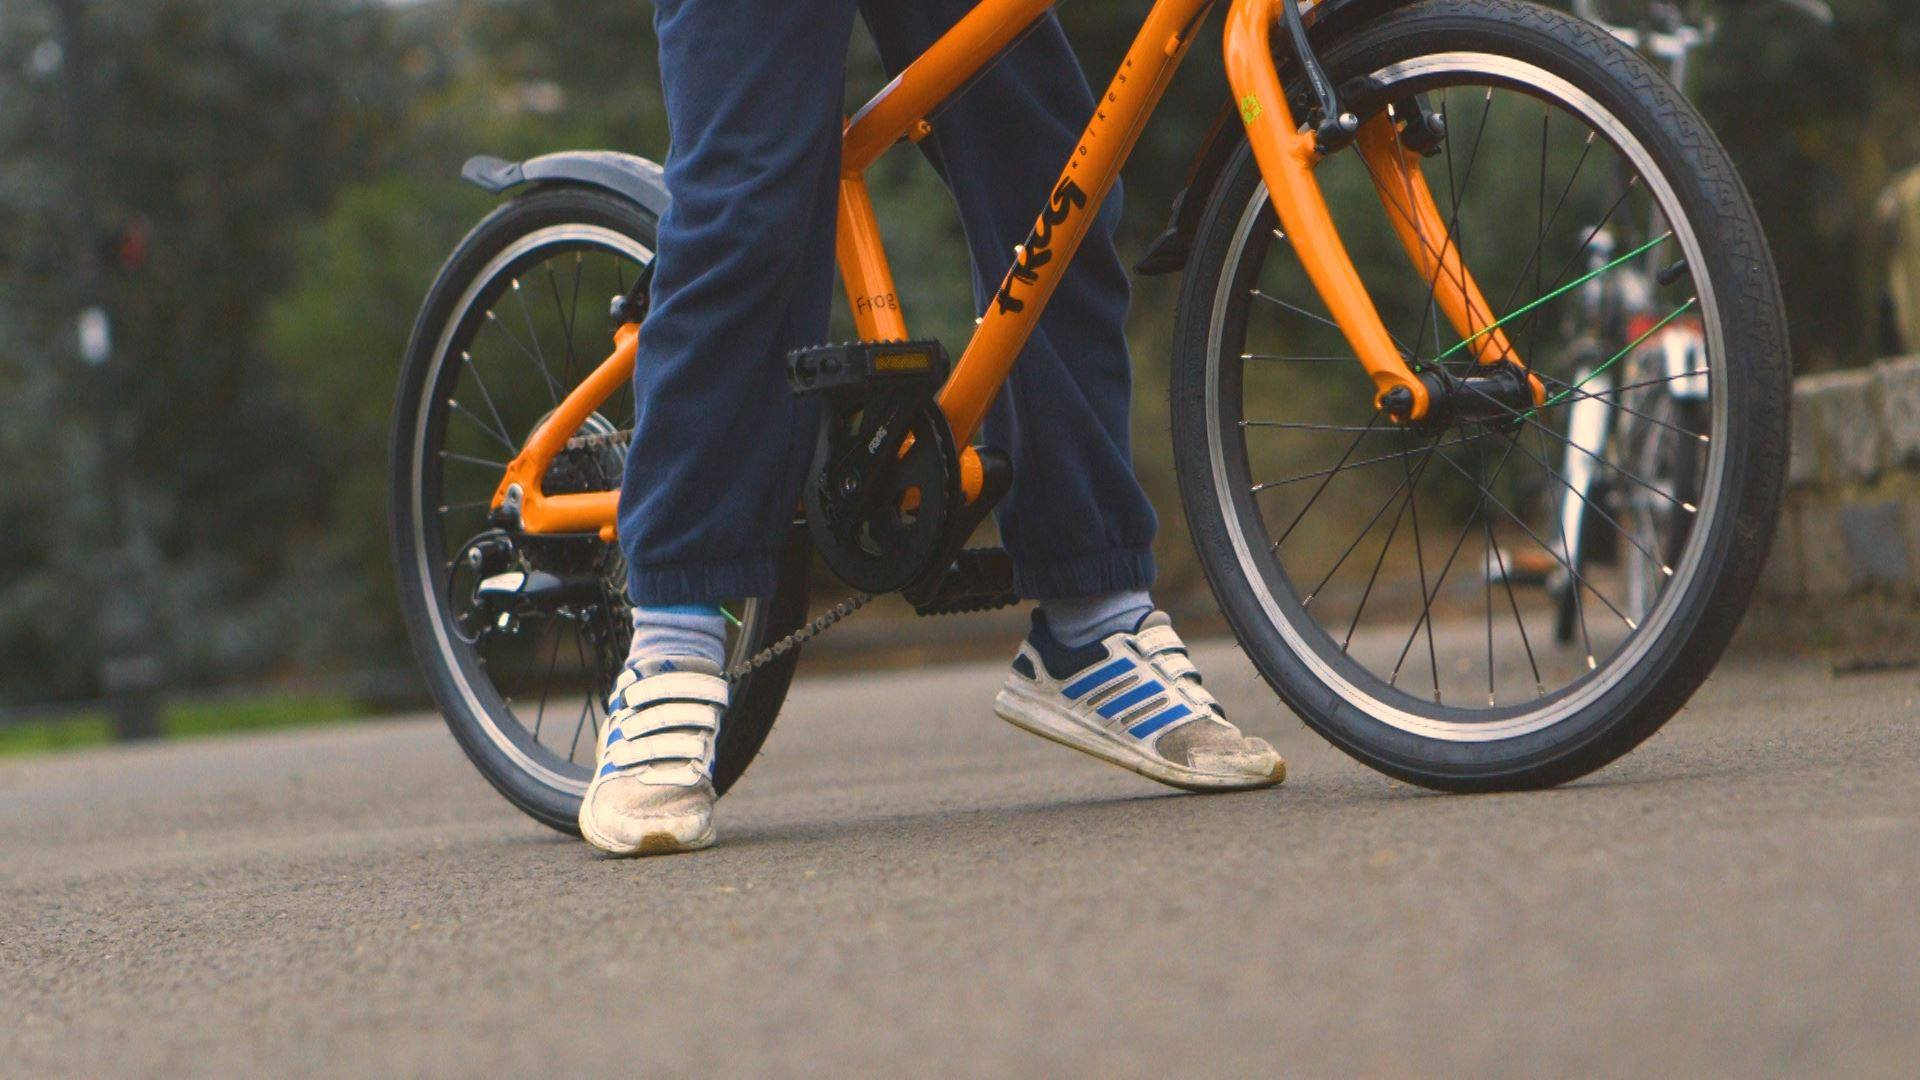 Comment déterminez-vous la hauteur de selle correcte du vélo d'un enfant?